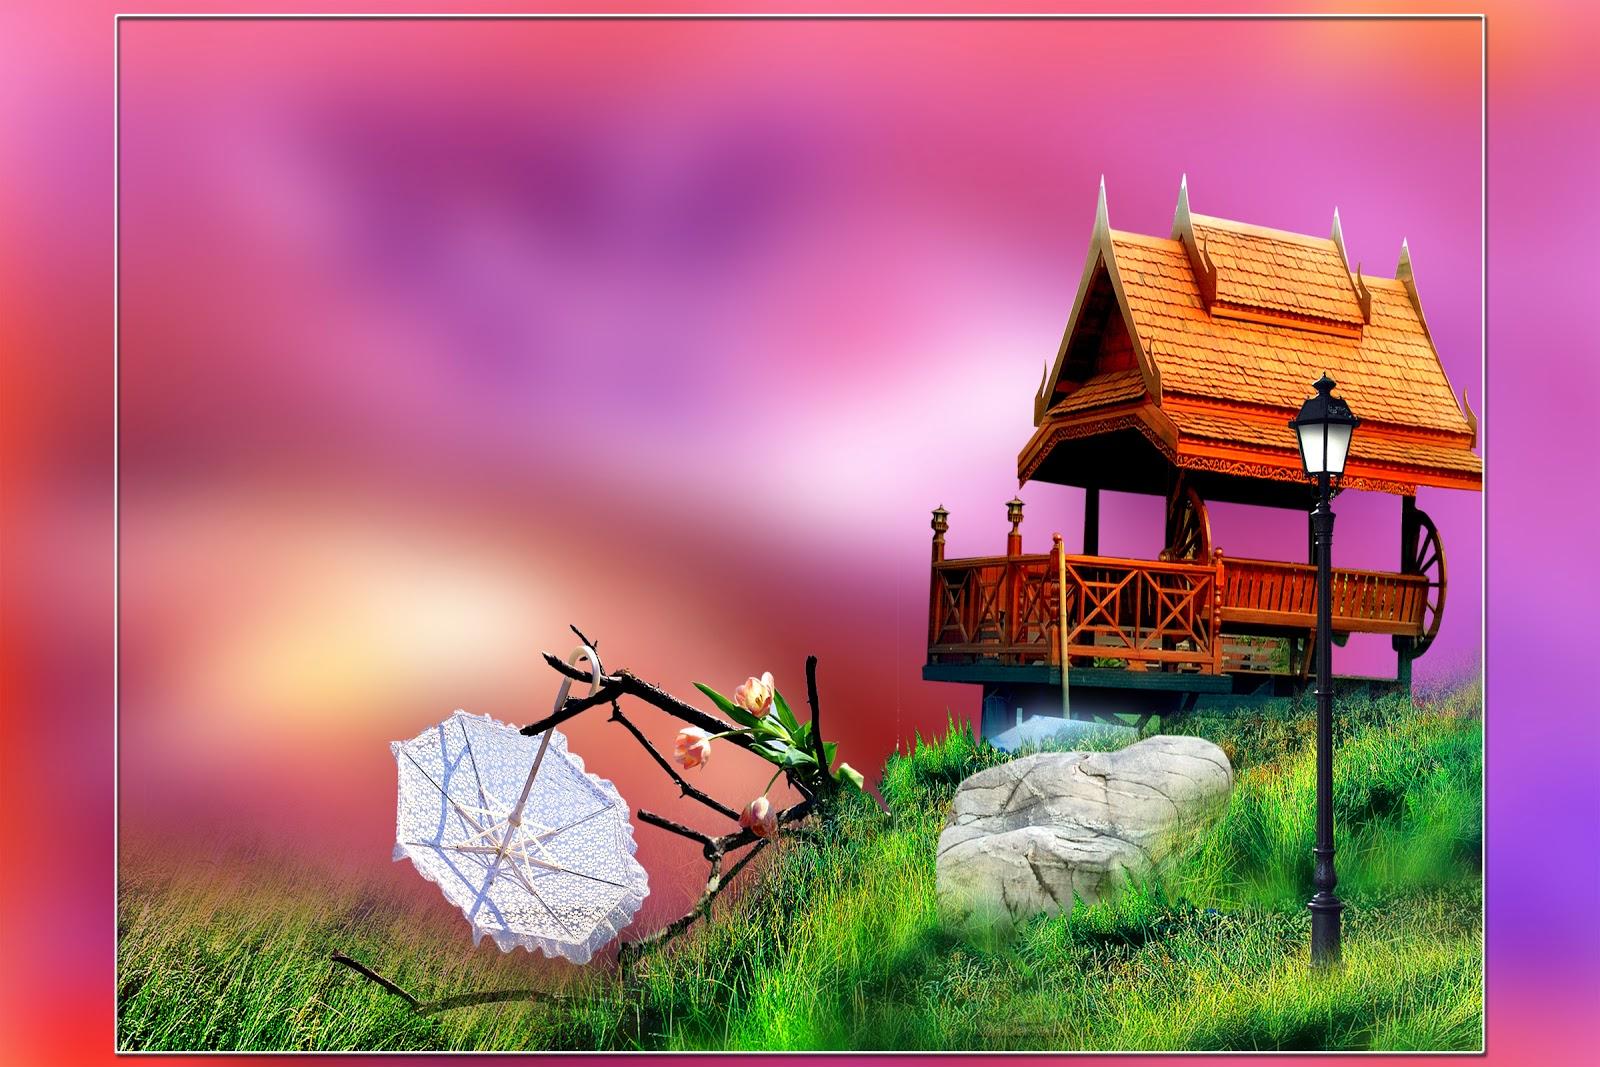 Photoshop Wedding Background Designs Psd Free Download Valoblogi Com